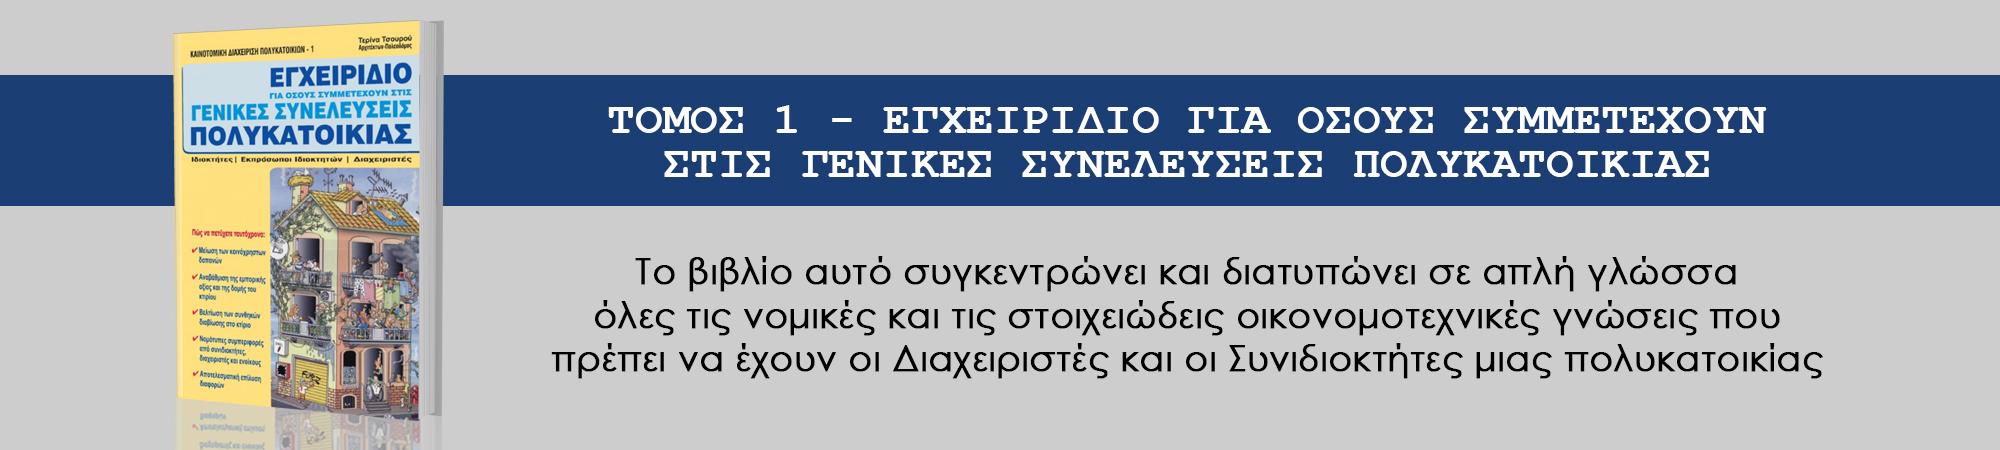 ΕΓΧΕΙΡΙΔΙΟ-τομος 1